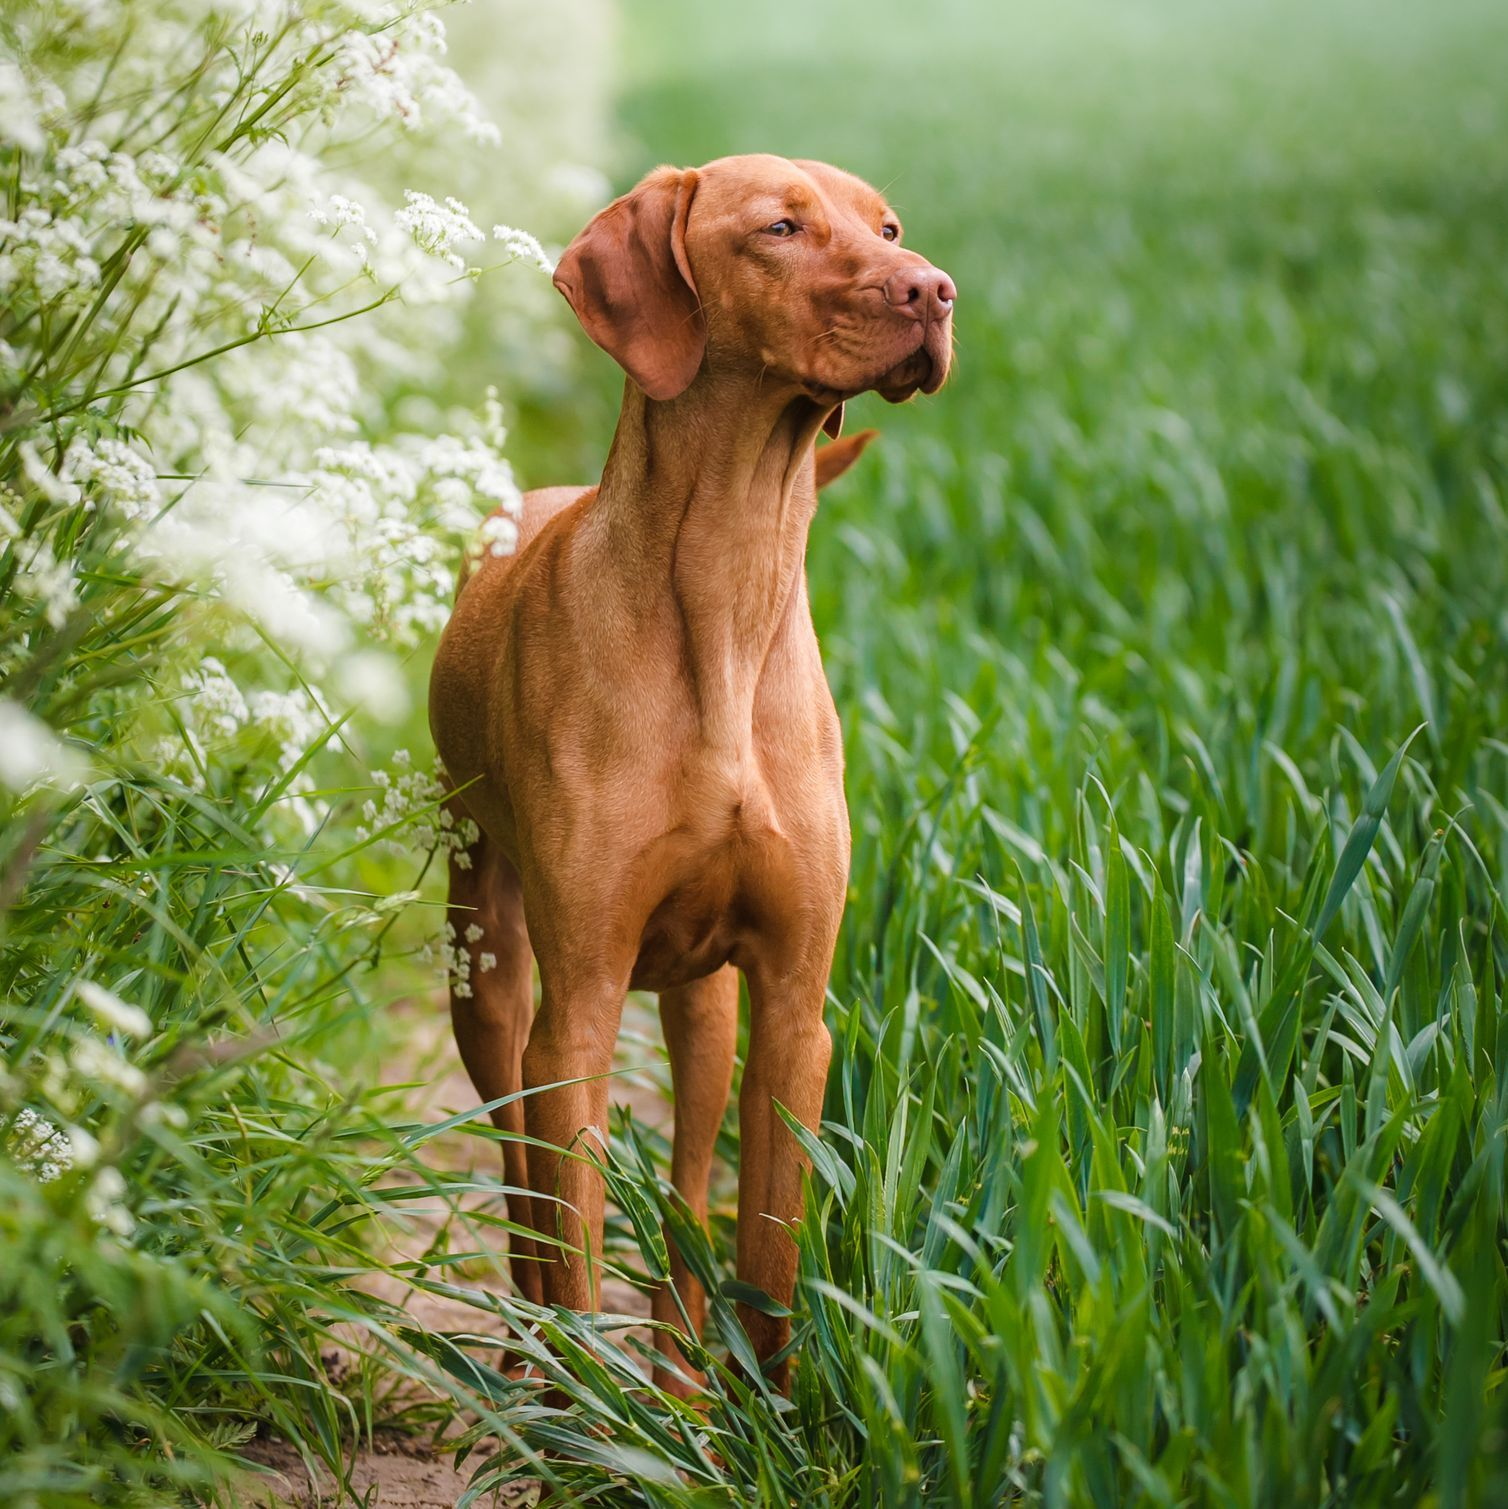 40 Best Medium Sized Dogs Family Dogs Breeds Vizsla Dogs Best